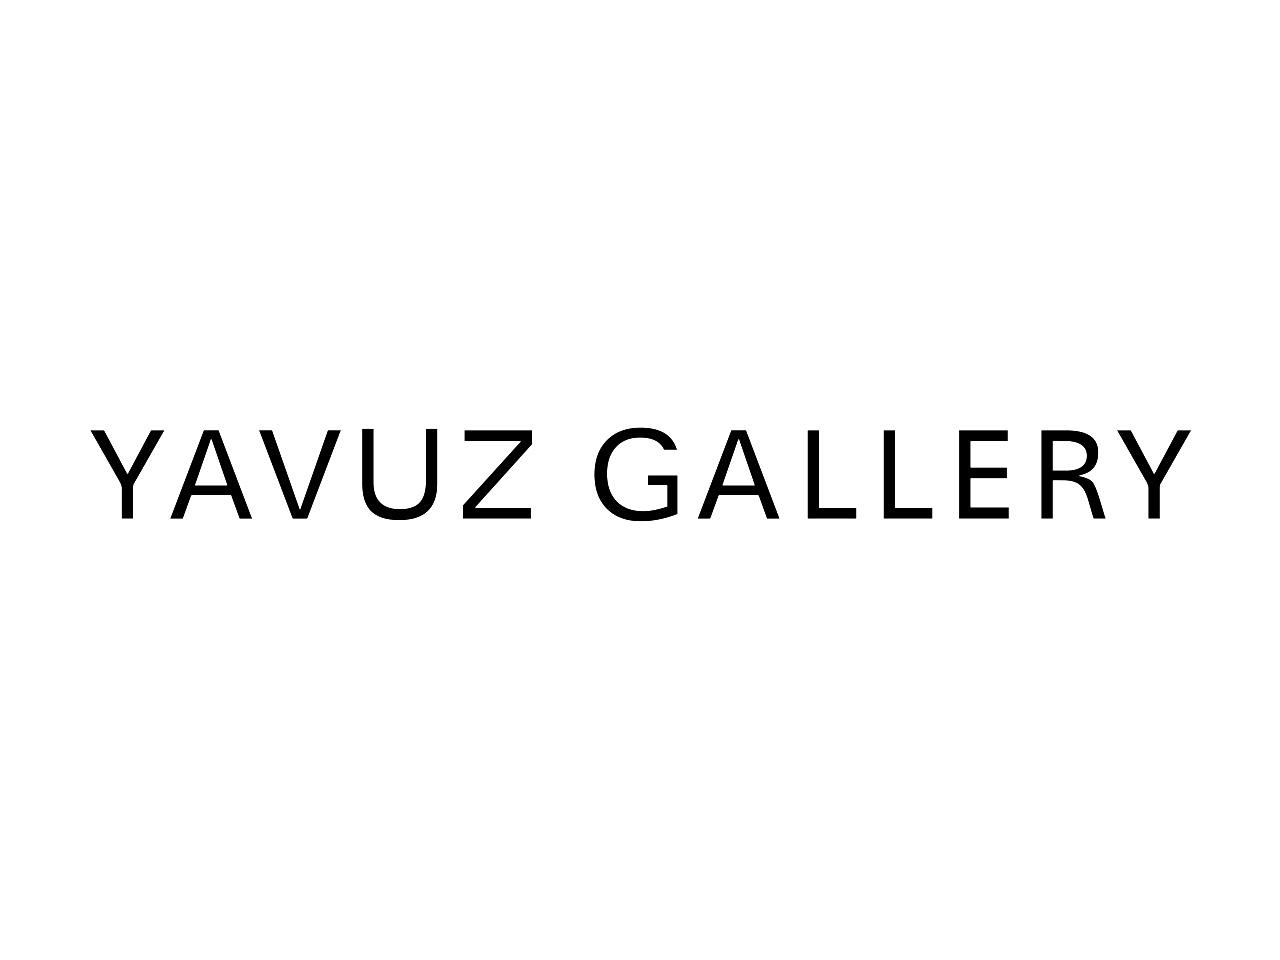 Yavuz Gallery